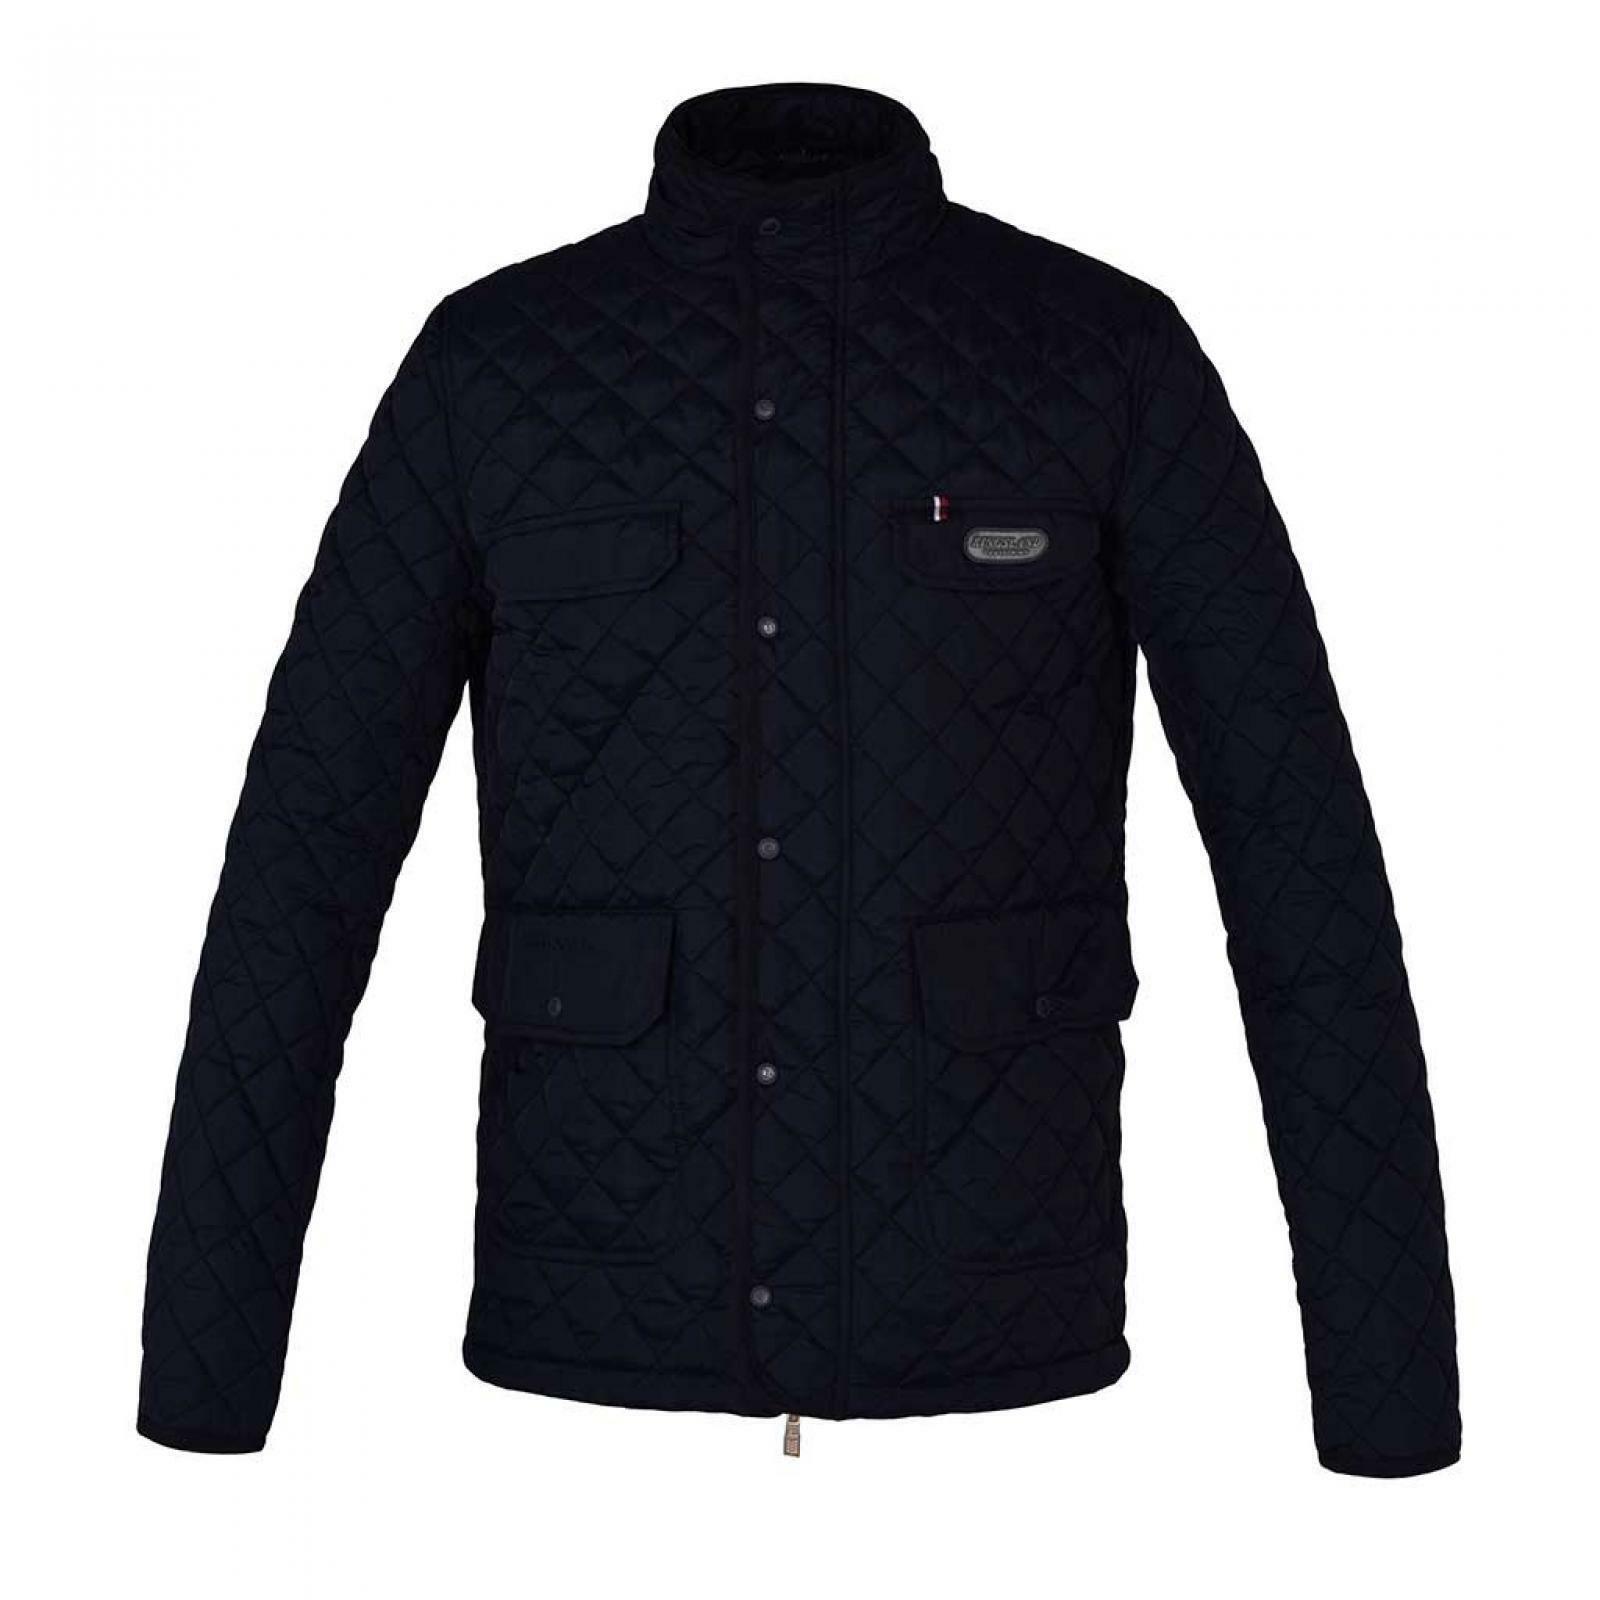 Kingsland mario acolchado señores chaqueta Navy s19